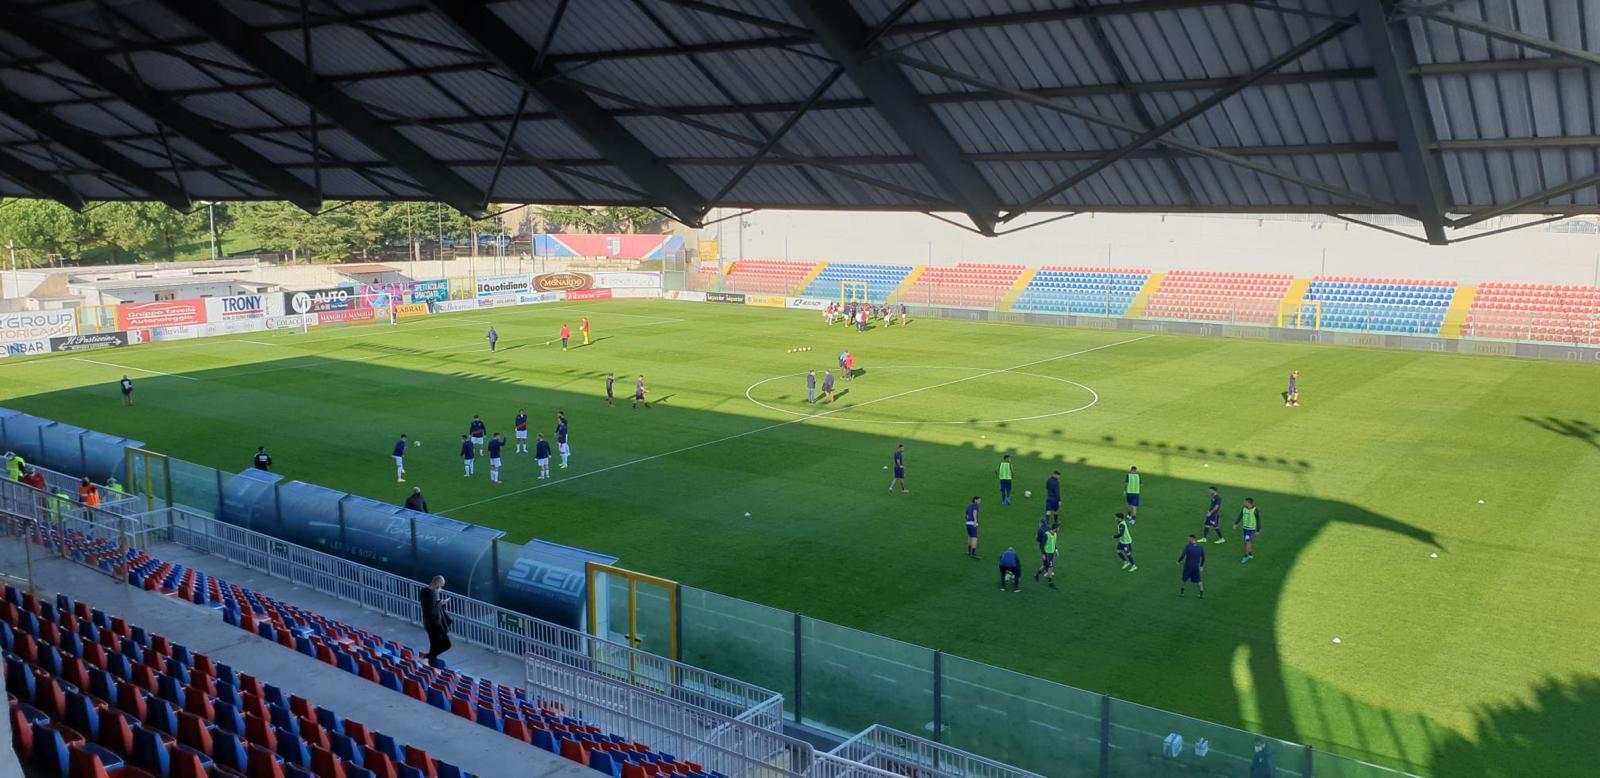 VIBONESE - POTENZA 1-0 | Il tabellino del match immagine 16409 US Vibonese Calcio